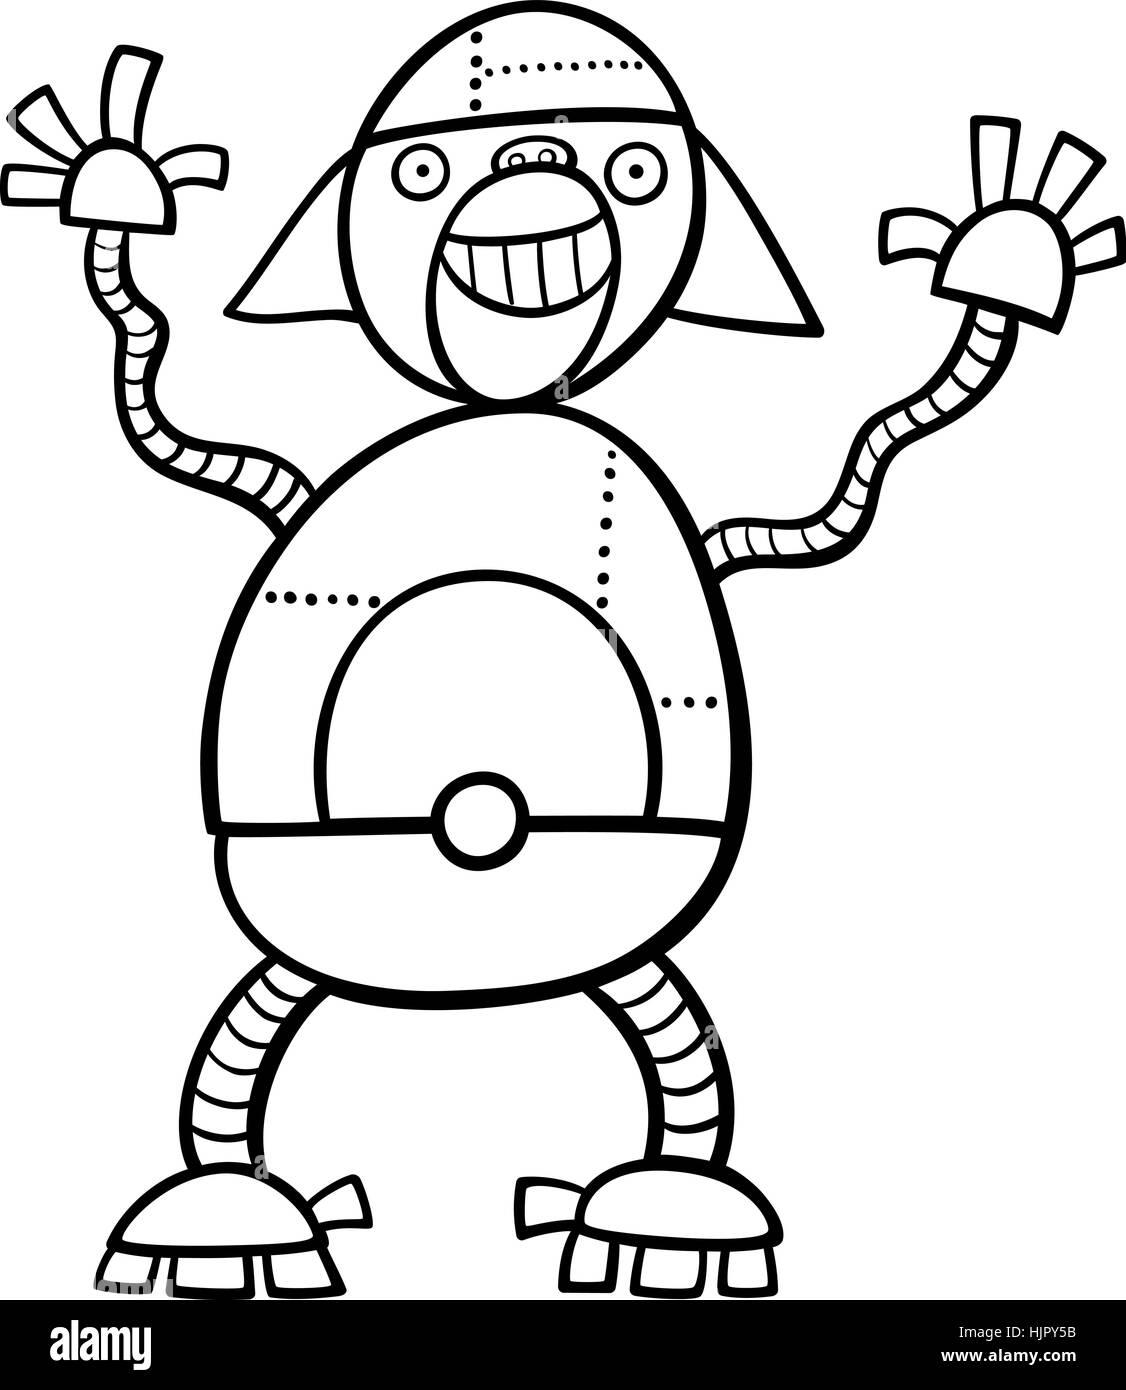 Schwarz / Weiß Cartoon Illustration von Ape Roboter Science-Fiction ...